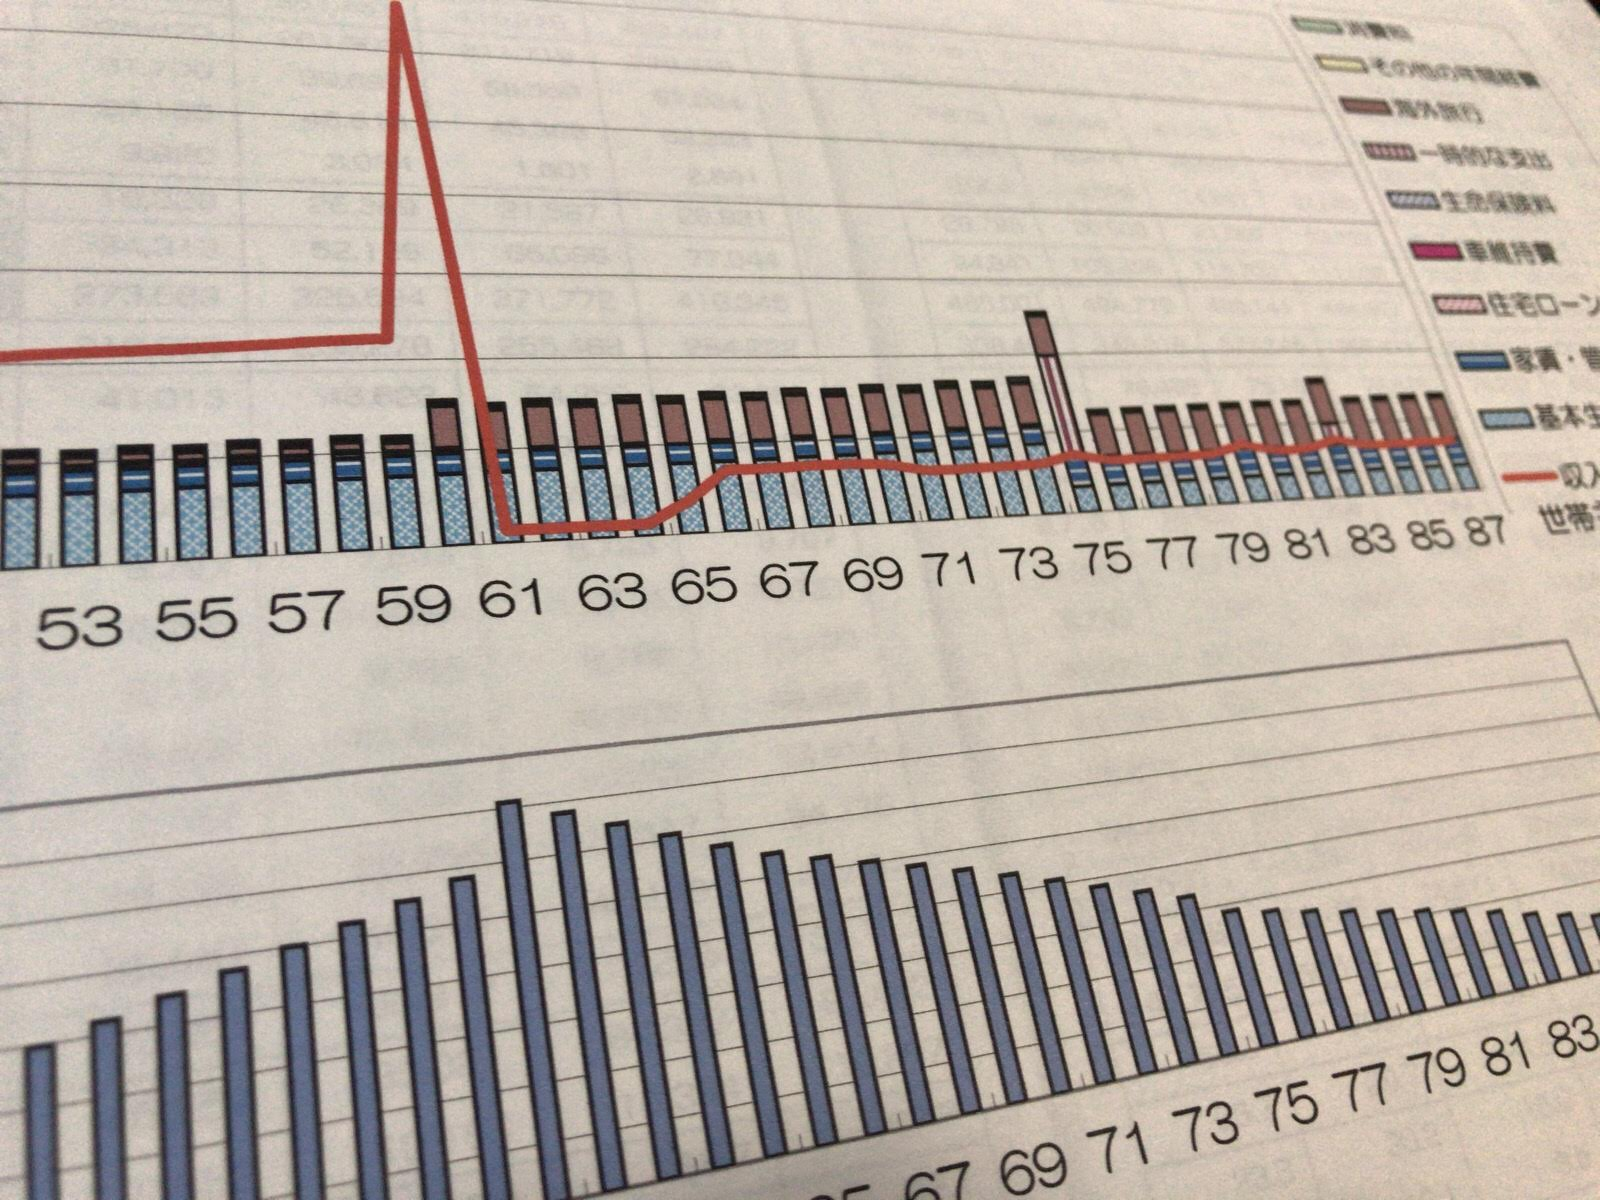 私の資産管理・運用遍歴〜その1:家計診断レベル期